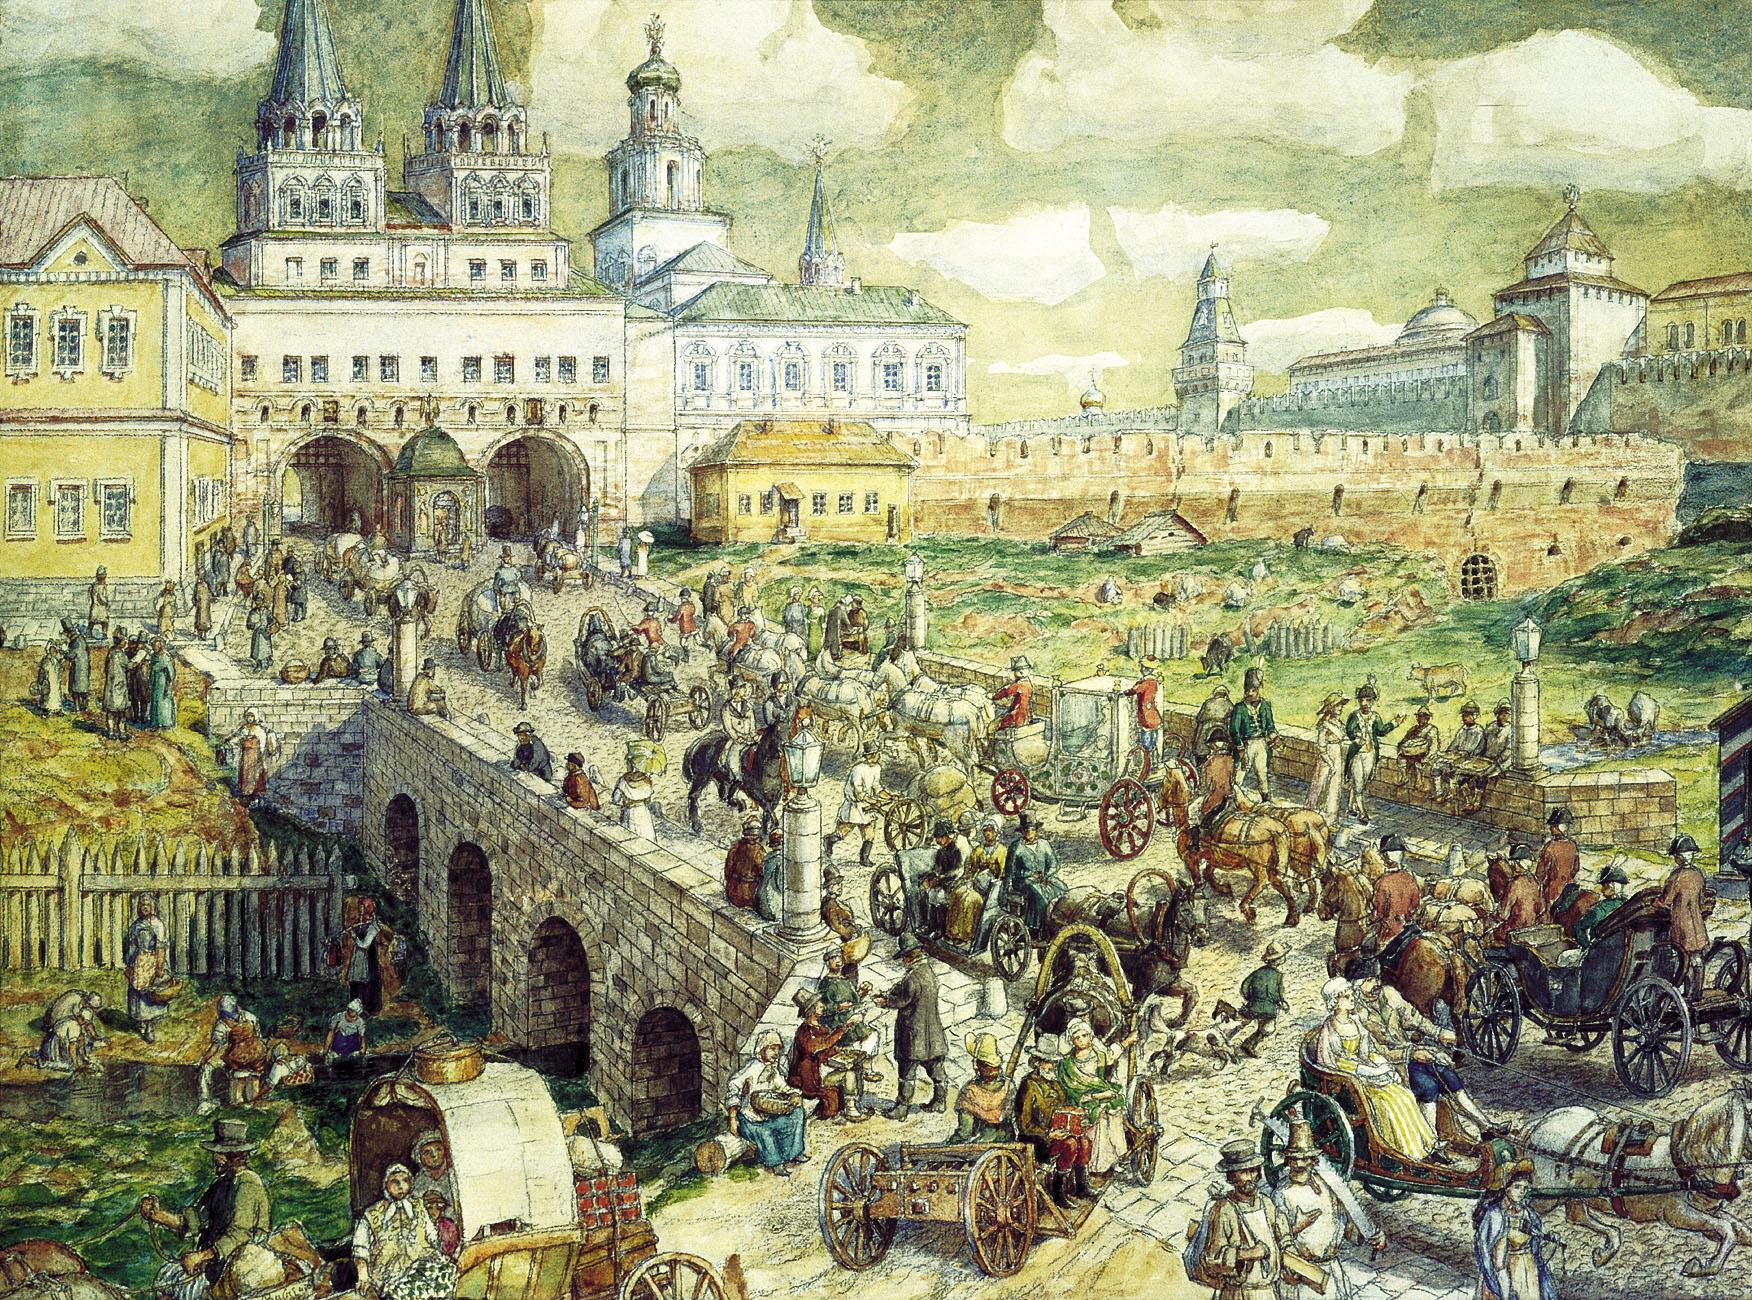 Картинки культура россии второй половины 18 века, картинки для